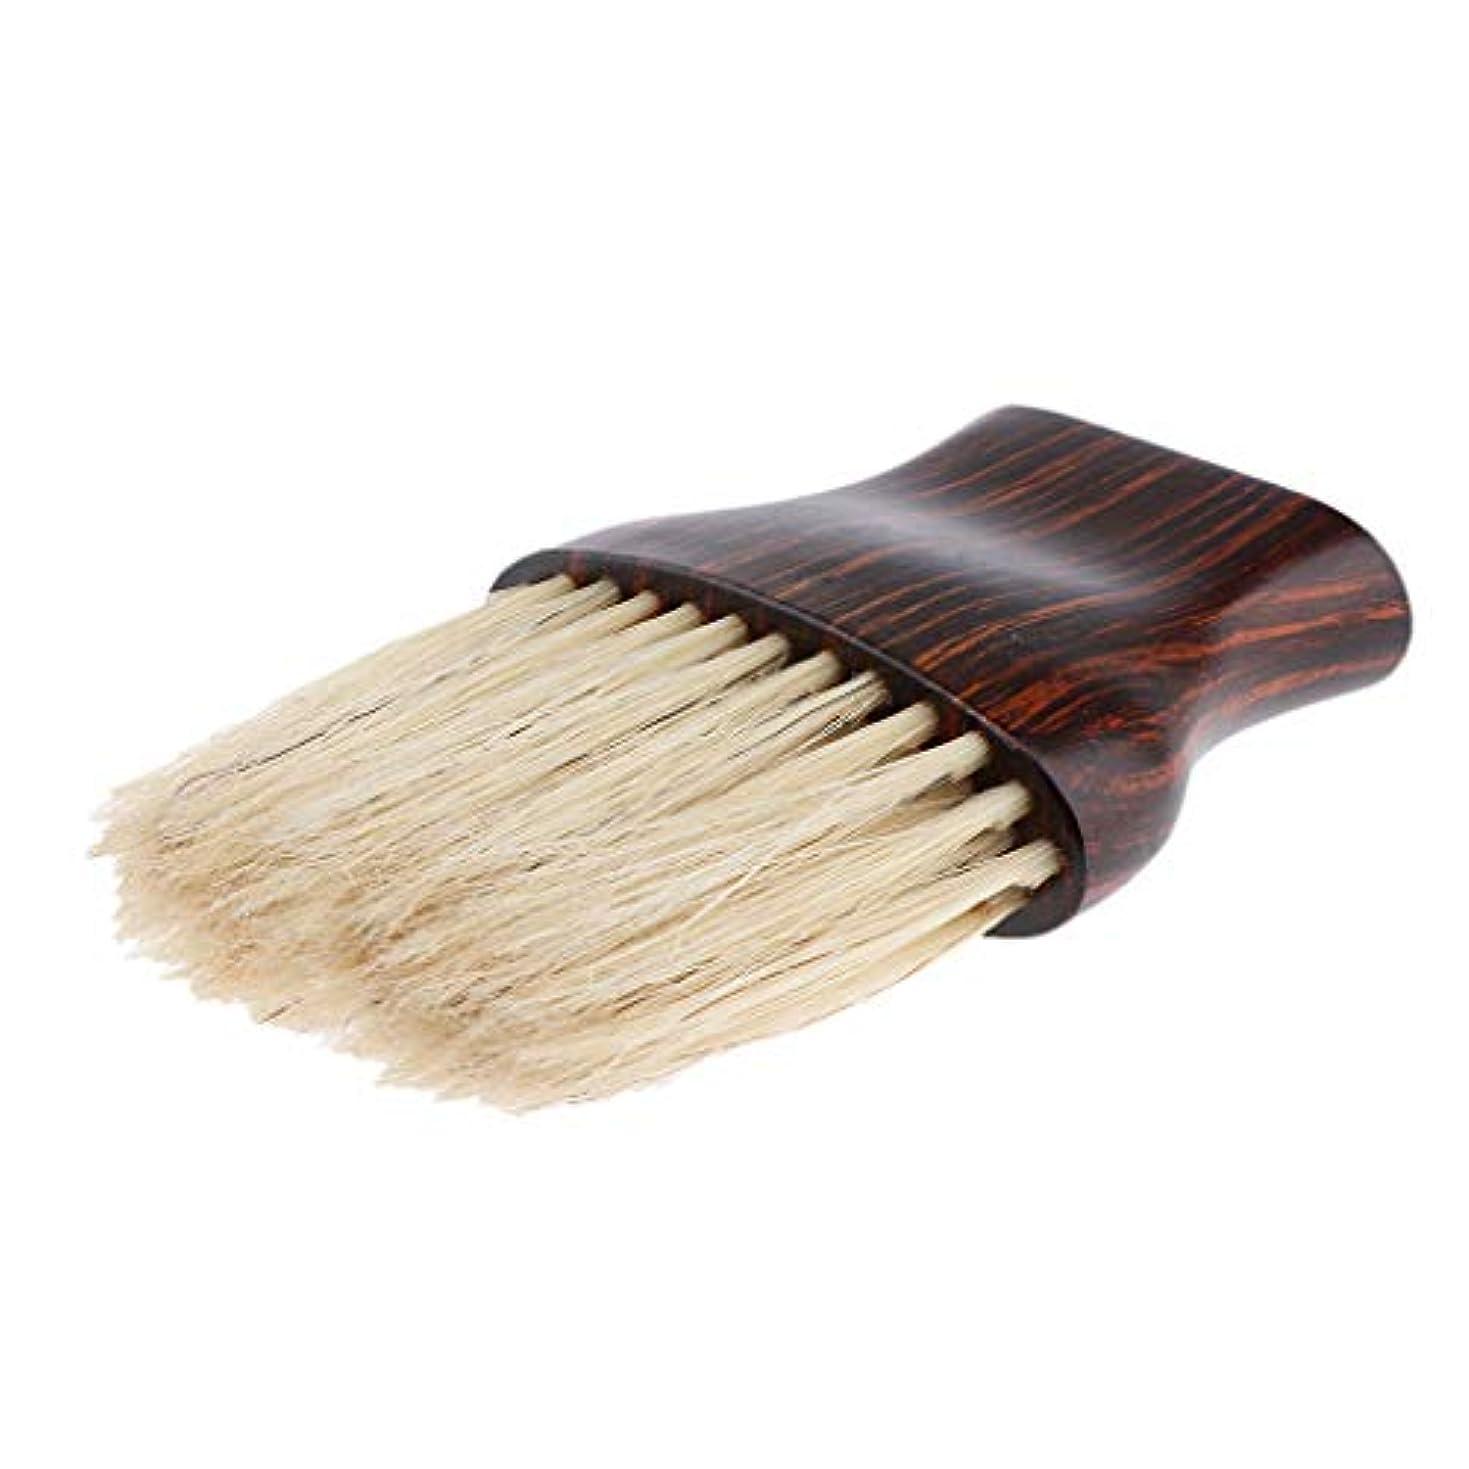 代名詞カニ蒸気F Fityle ネックダスターブラシ ヘアカットブラシ クリーニング ヘアブラシ 理髪美容ツール